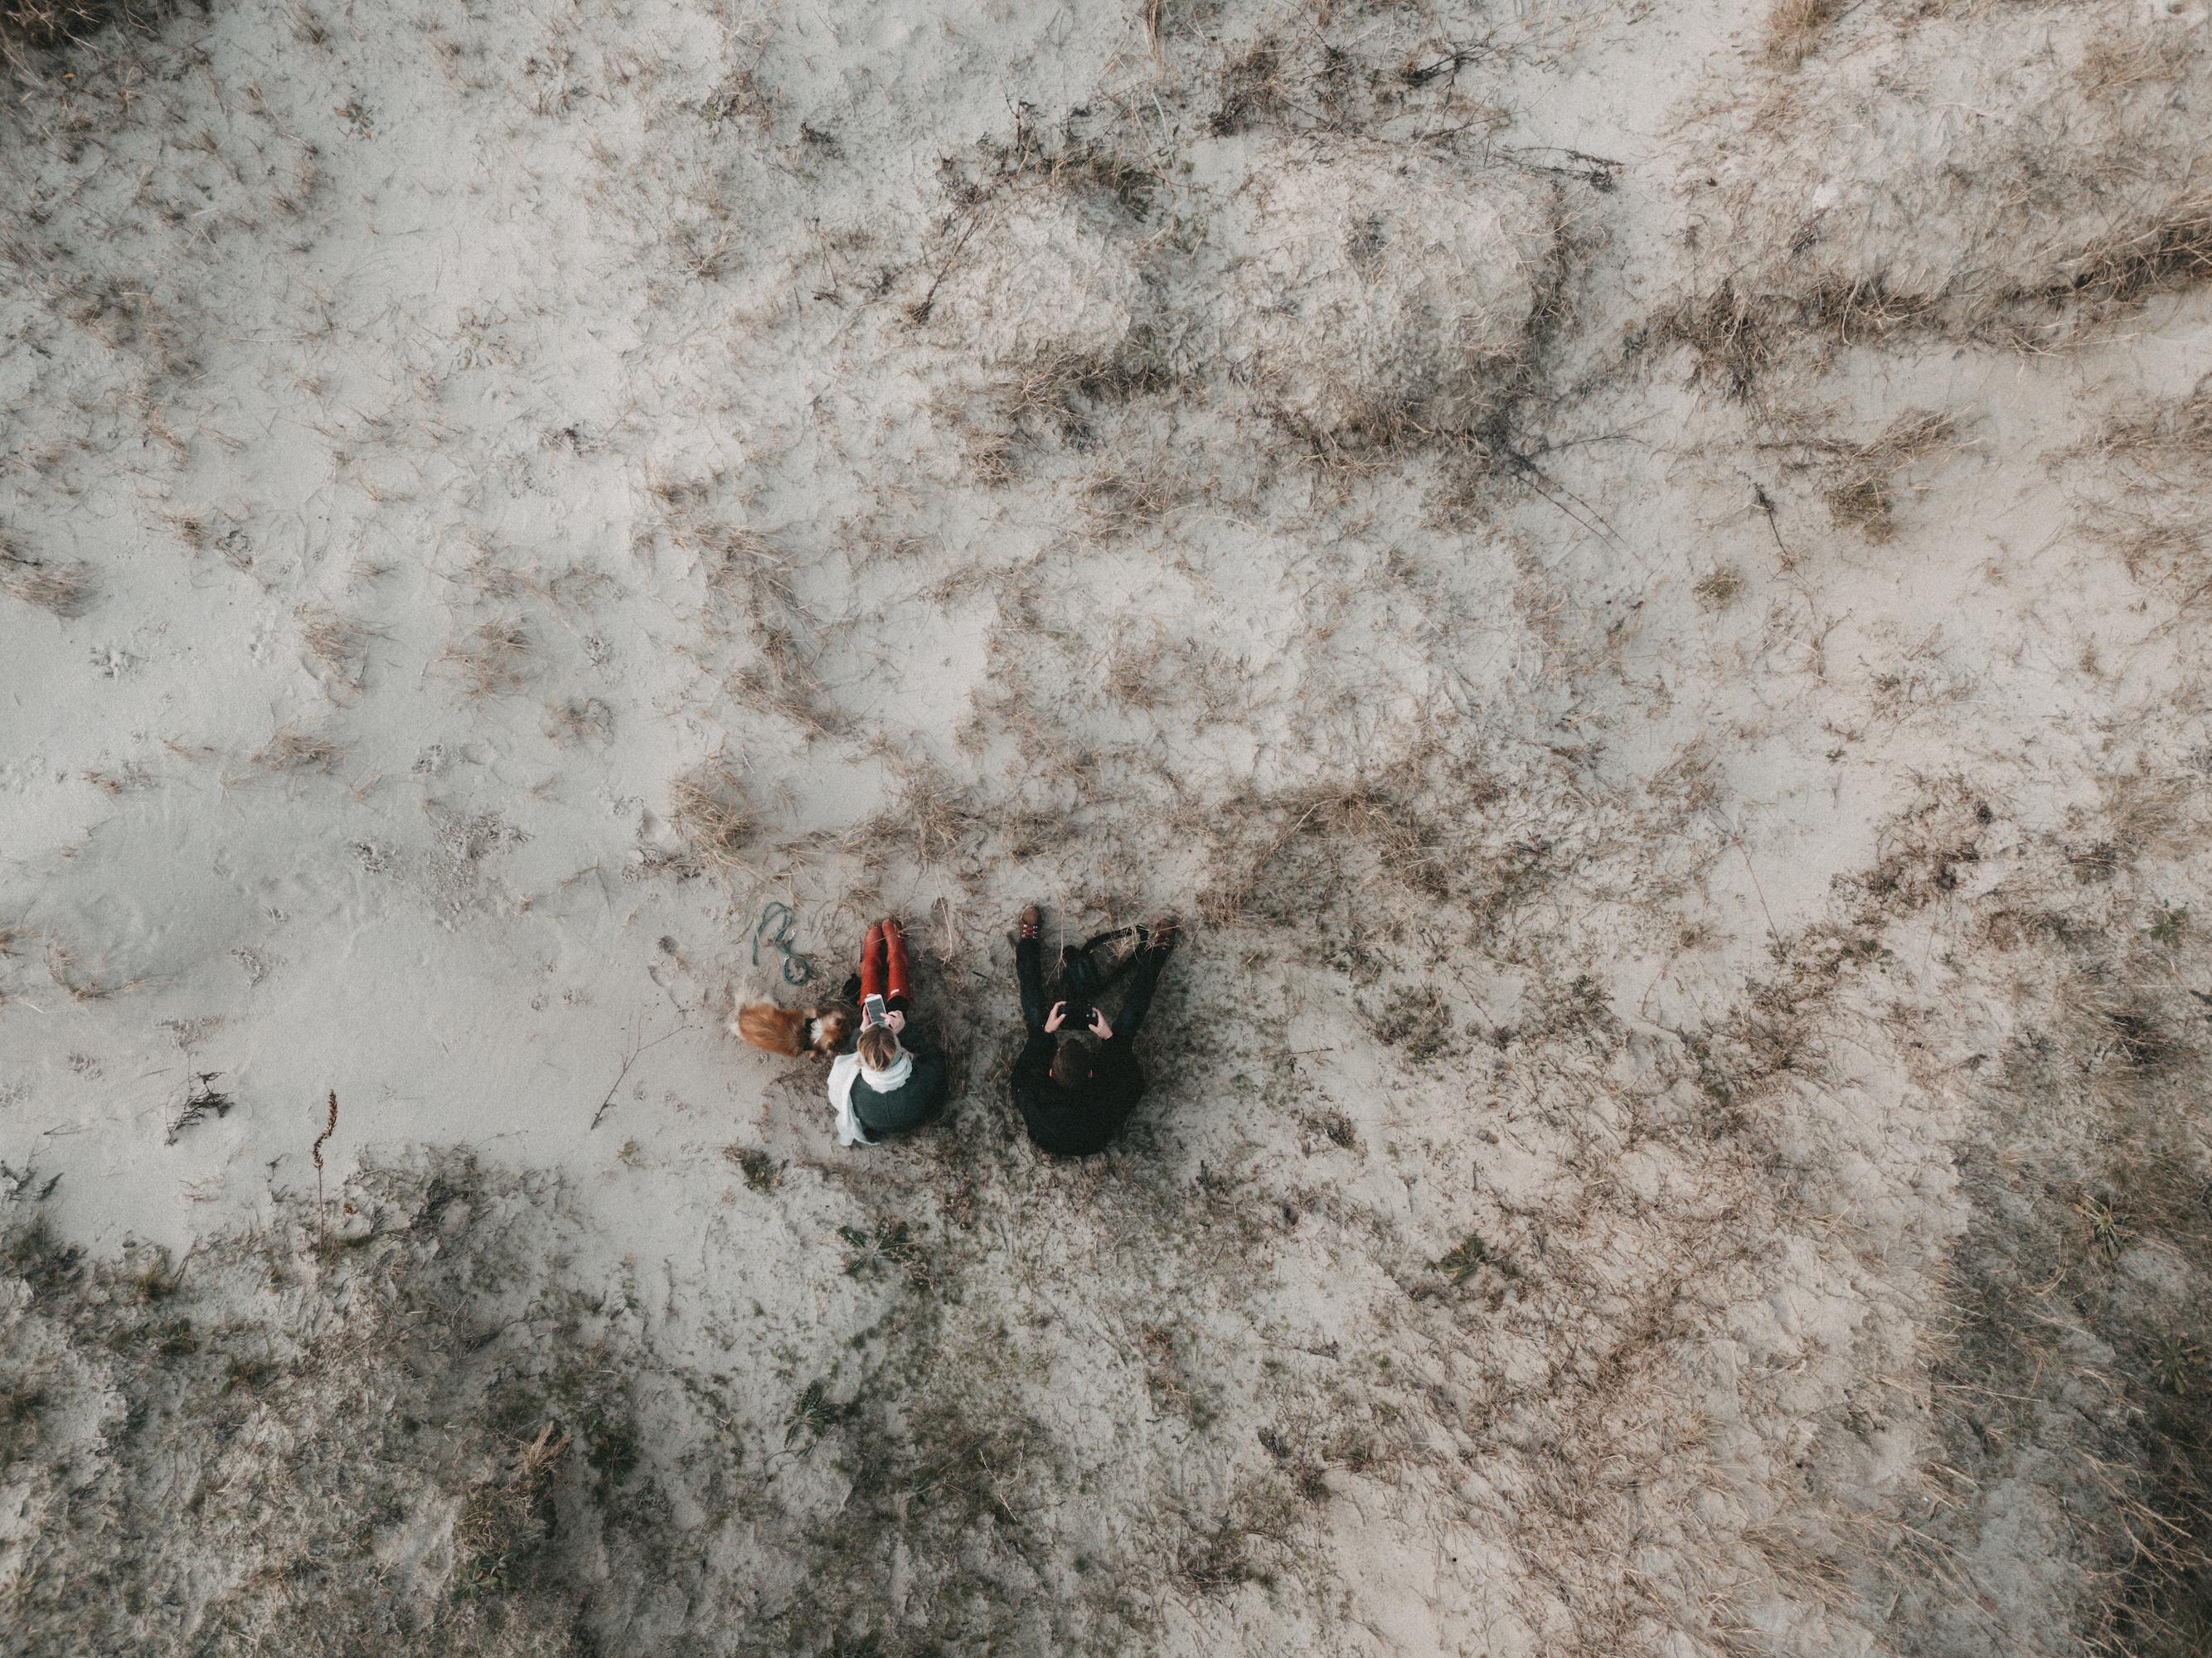 menschen in den dünen von st. peter ording